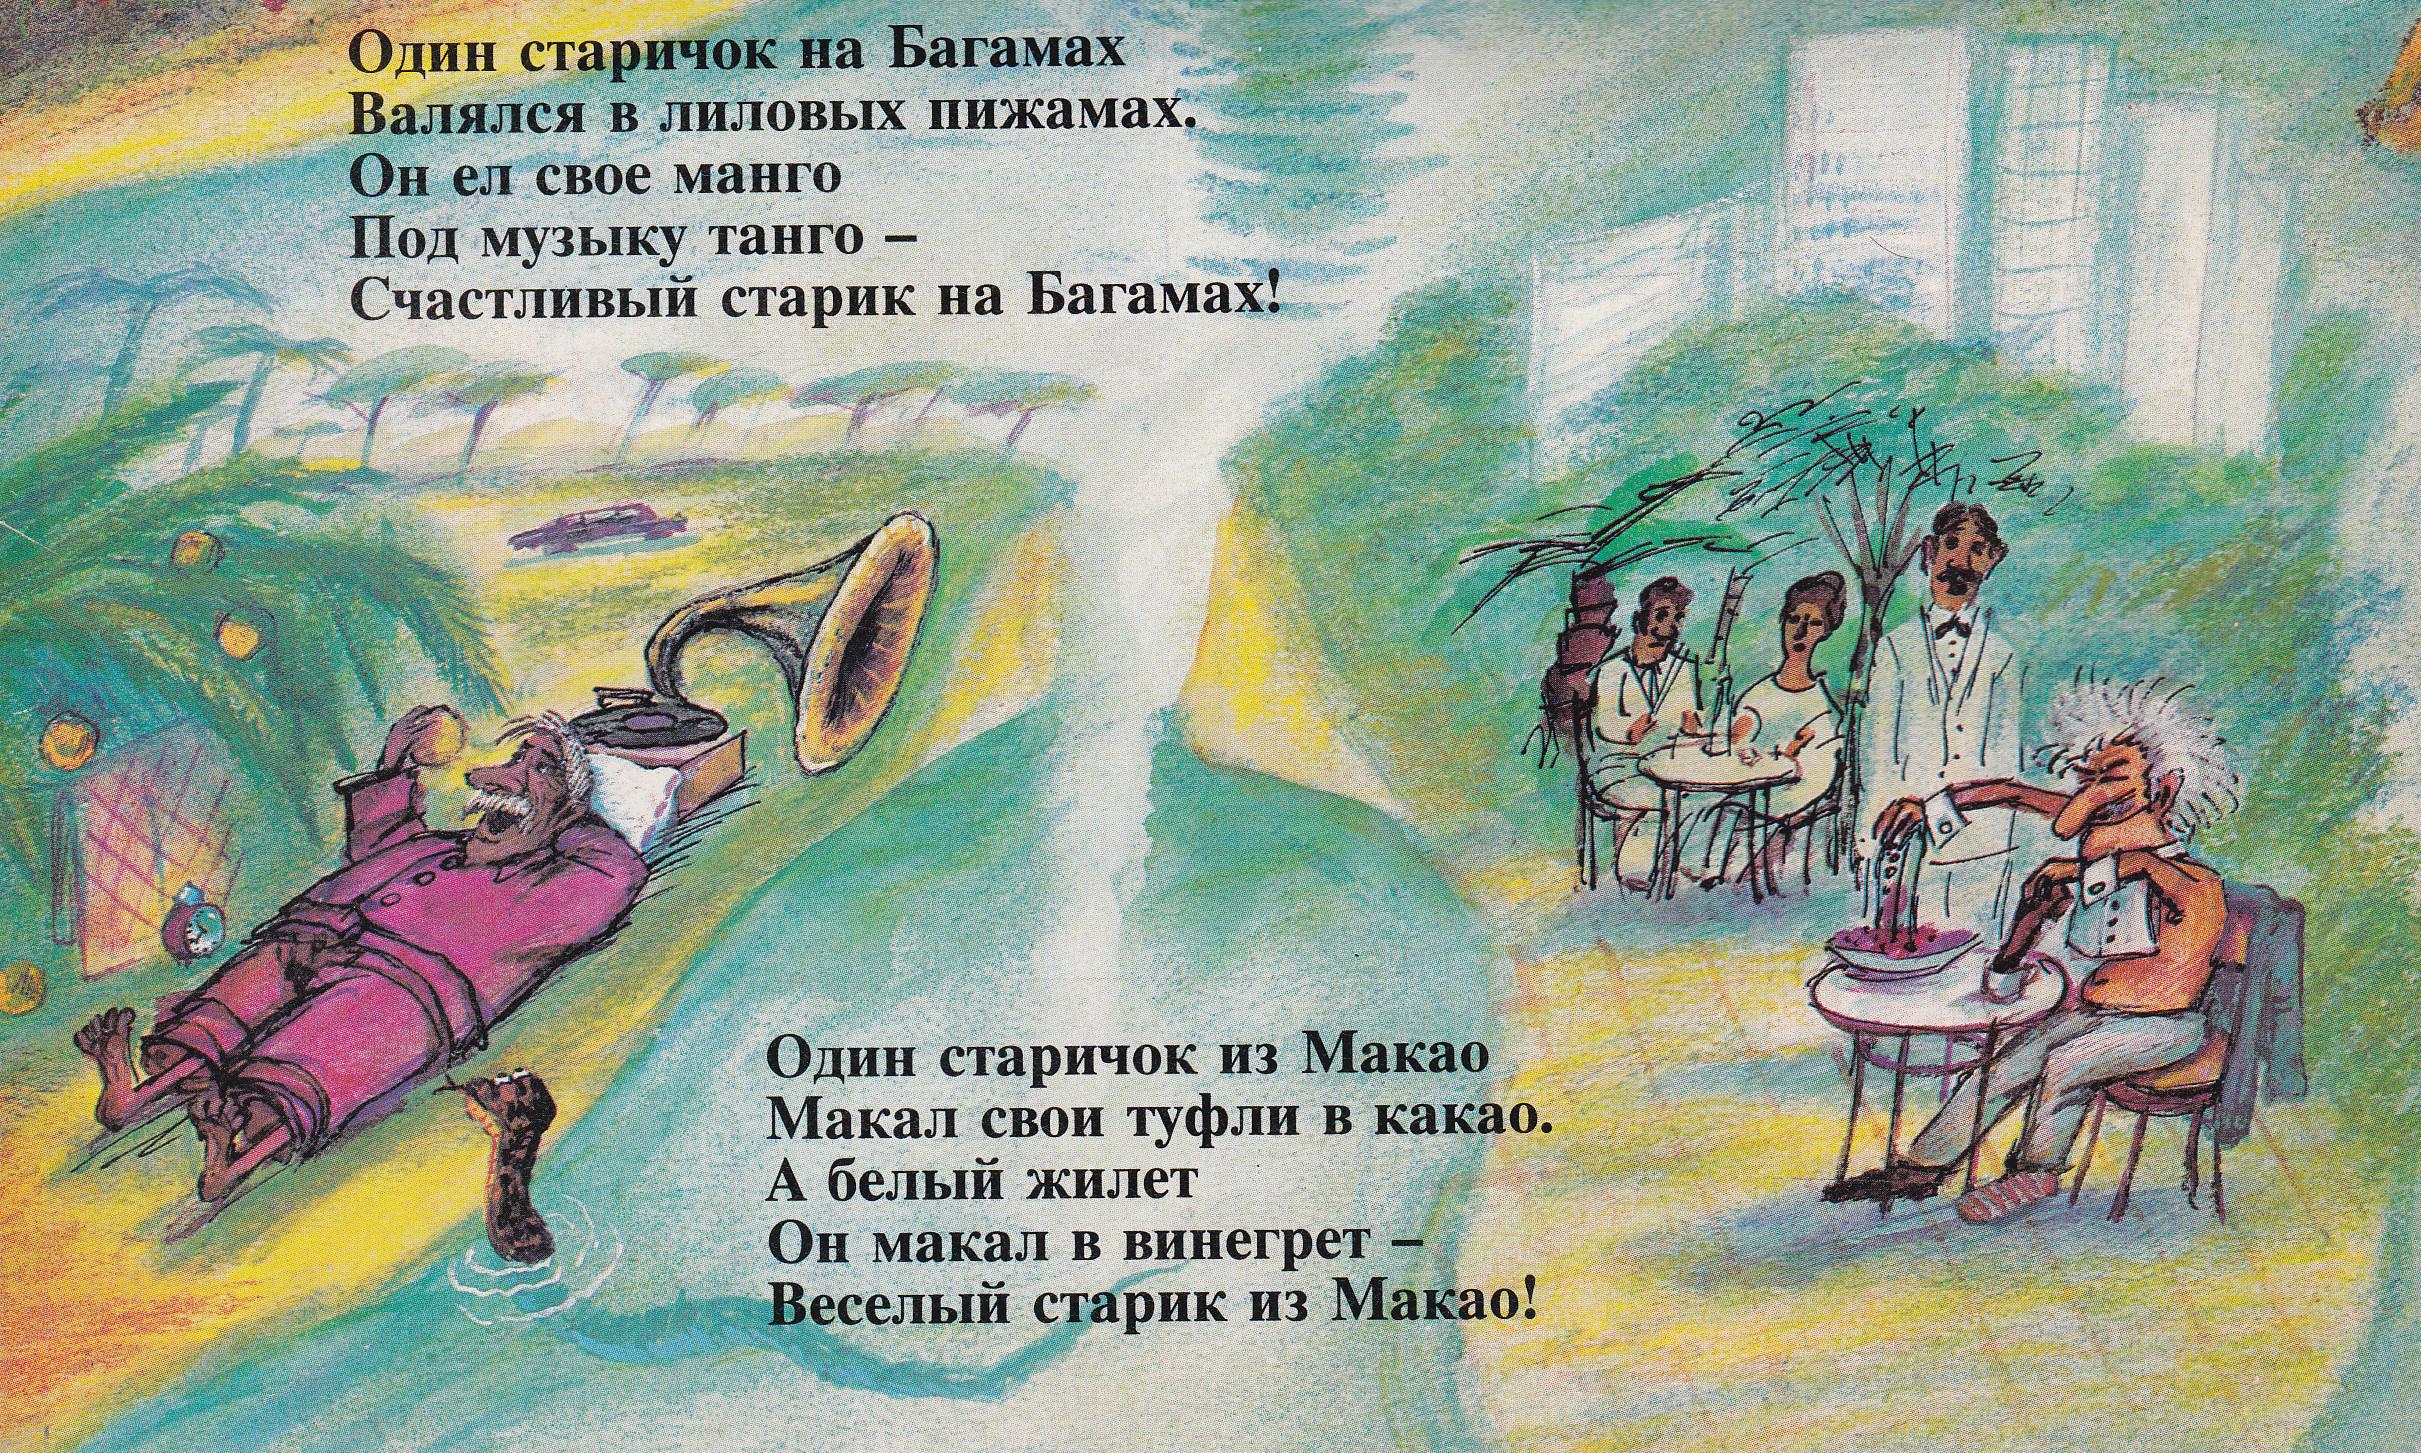 Лимерики с переводом и с картинками